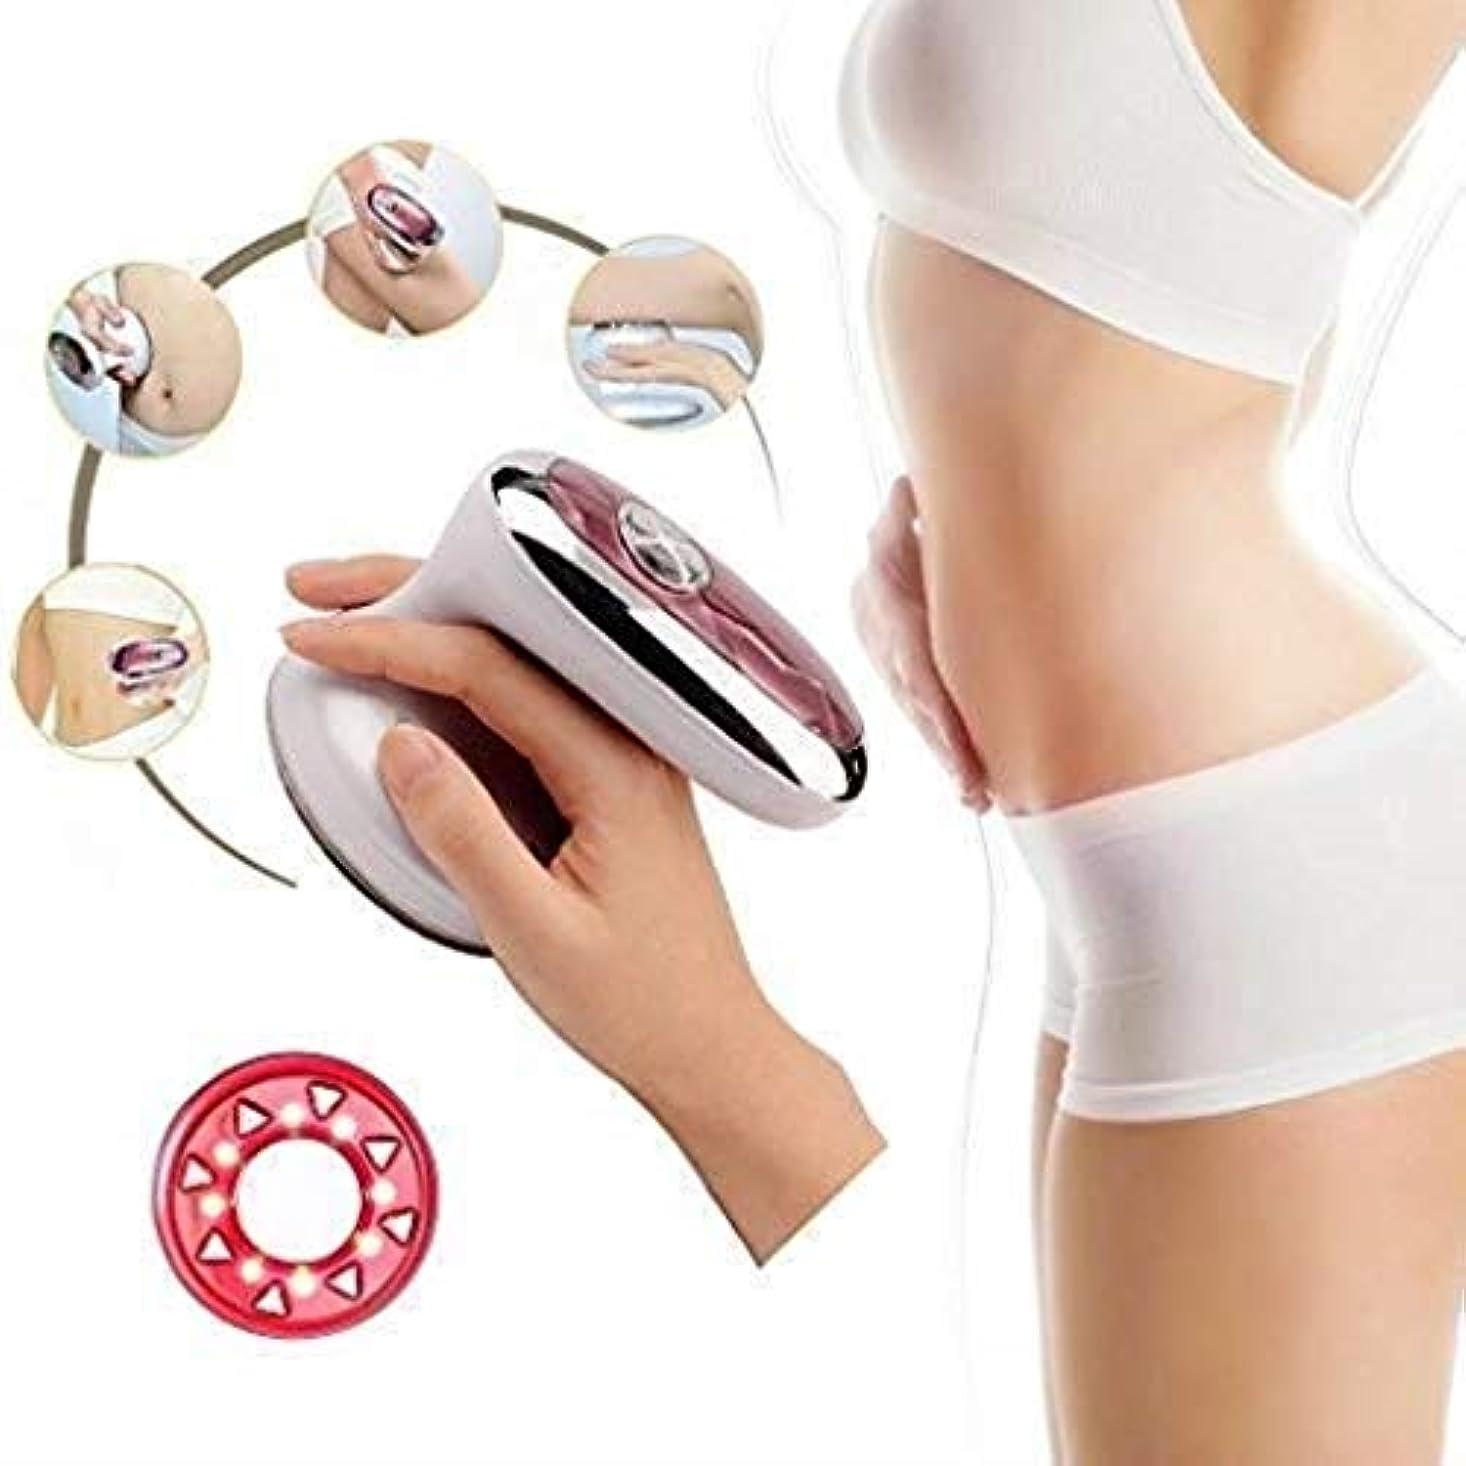 気配りのある暖かく和解する美容マッサージ器、RF超音波ボディスリミングマッサージ器、ポータブル脂肪バーナー、振動美容インストゥルメント、腰とスリミングファーミングスキン/シェーピング美容インストゥルメント